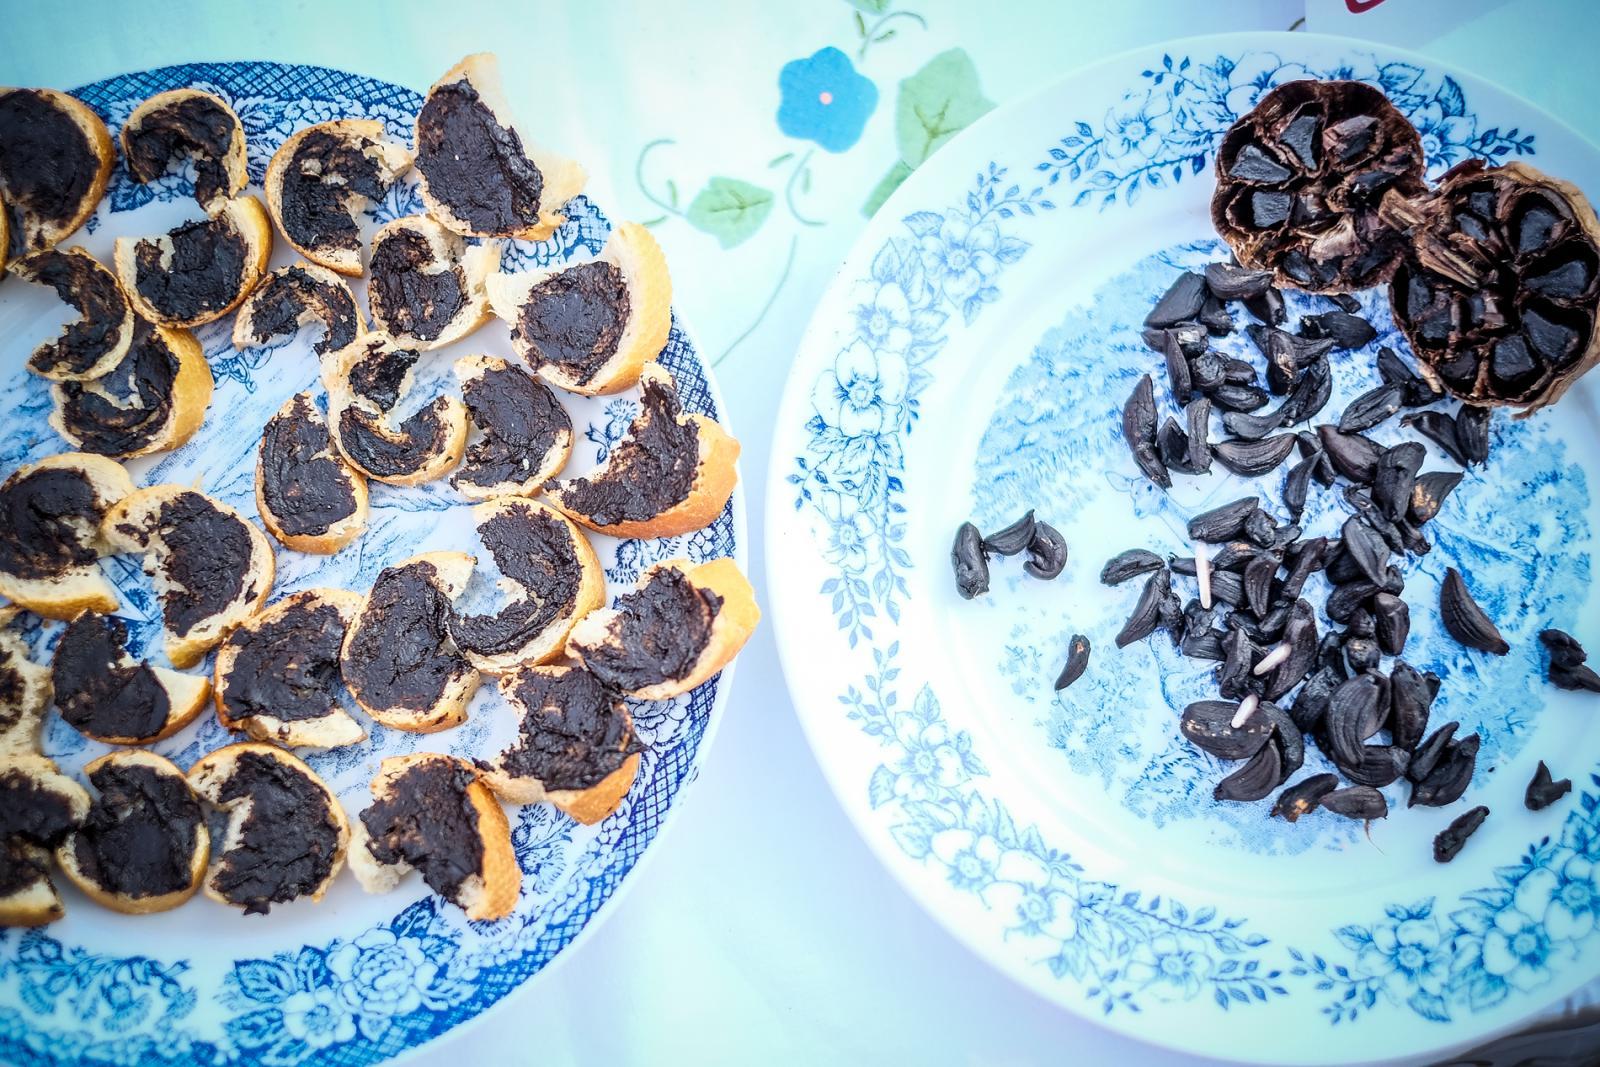 Planirate li uskoro u nabavku zdravih sezonskih namirnica zabilježite si u kalendaru 17. rujna i 1. listopada u Martićevoj 4 u Zagrebu.